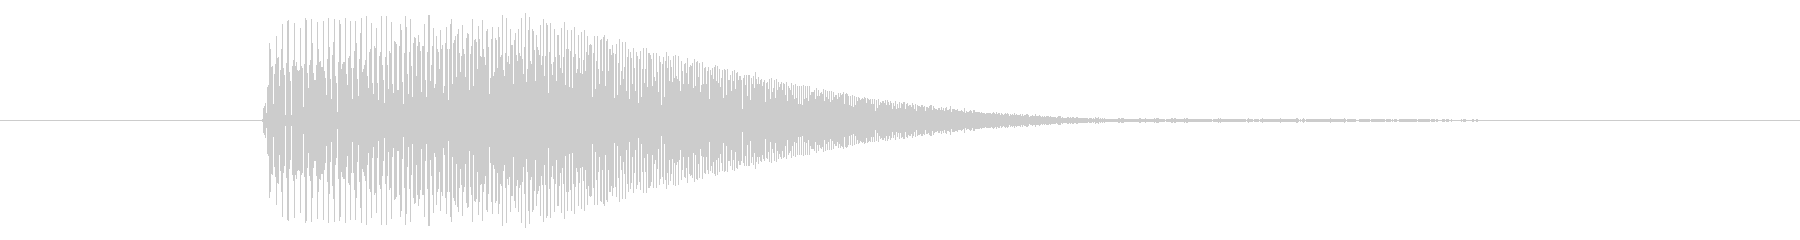 伸びる/場面転換/移動の未再生の波形